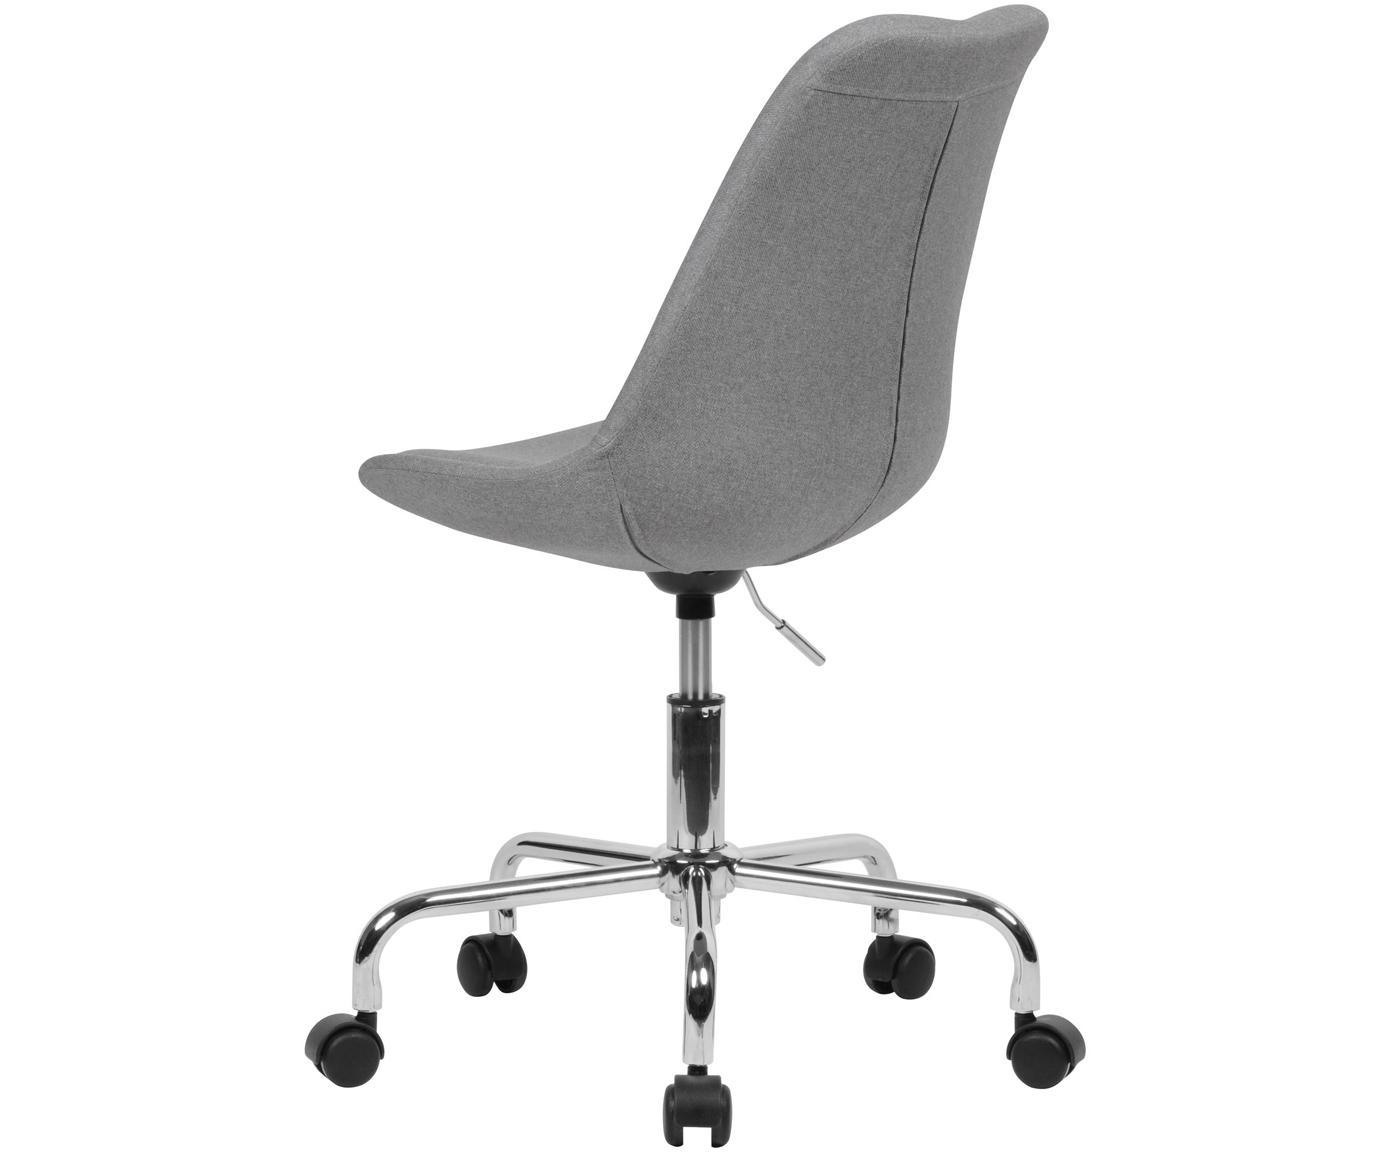 Bürodrehstuhl Lenka, höhenverstellbar, Bezug: Polyester, Gestell: Metall, verchromt, Webstoff Grau, B 65 x T 56 cm